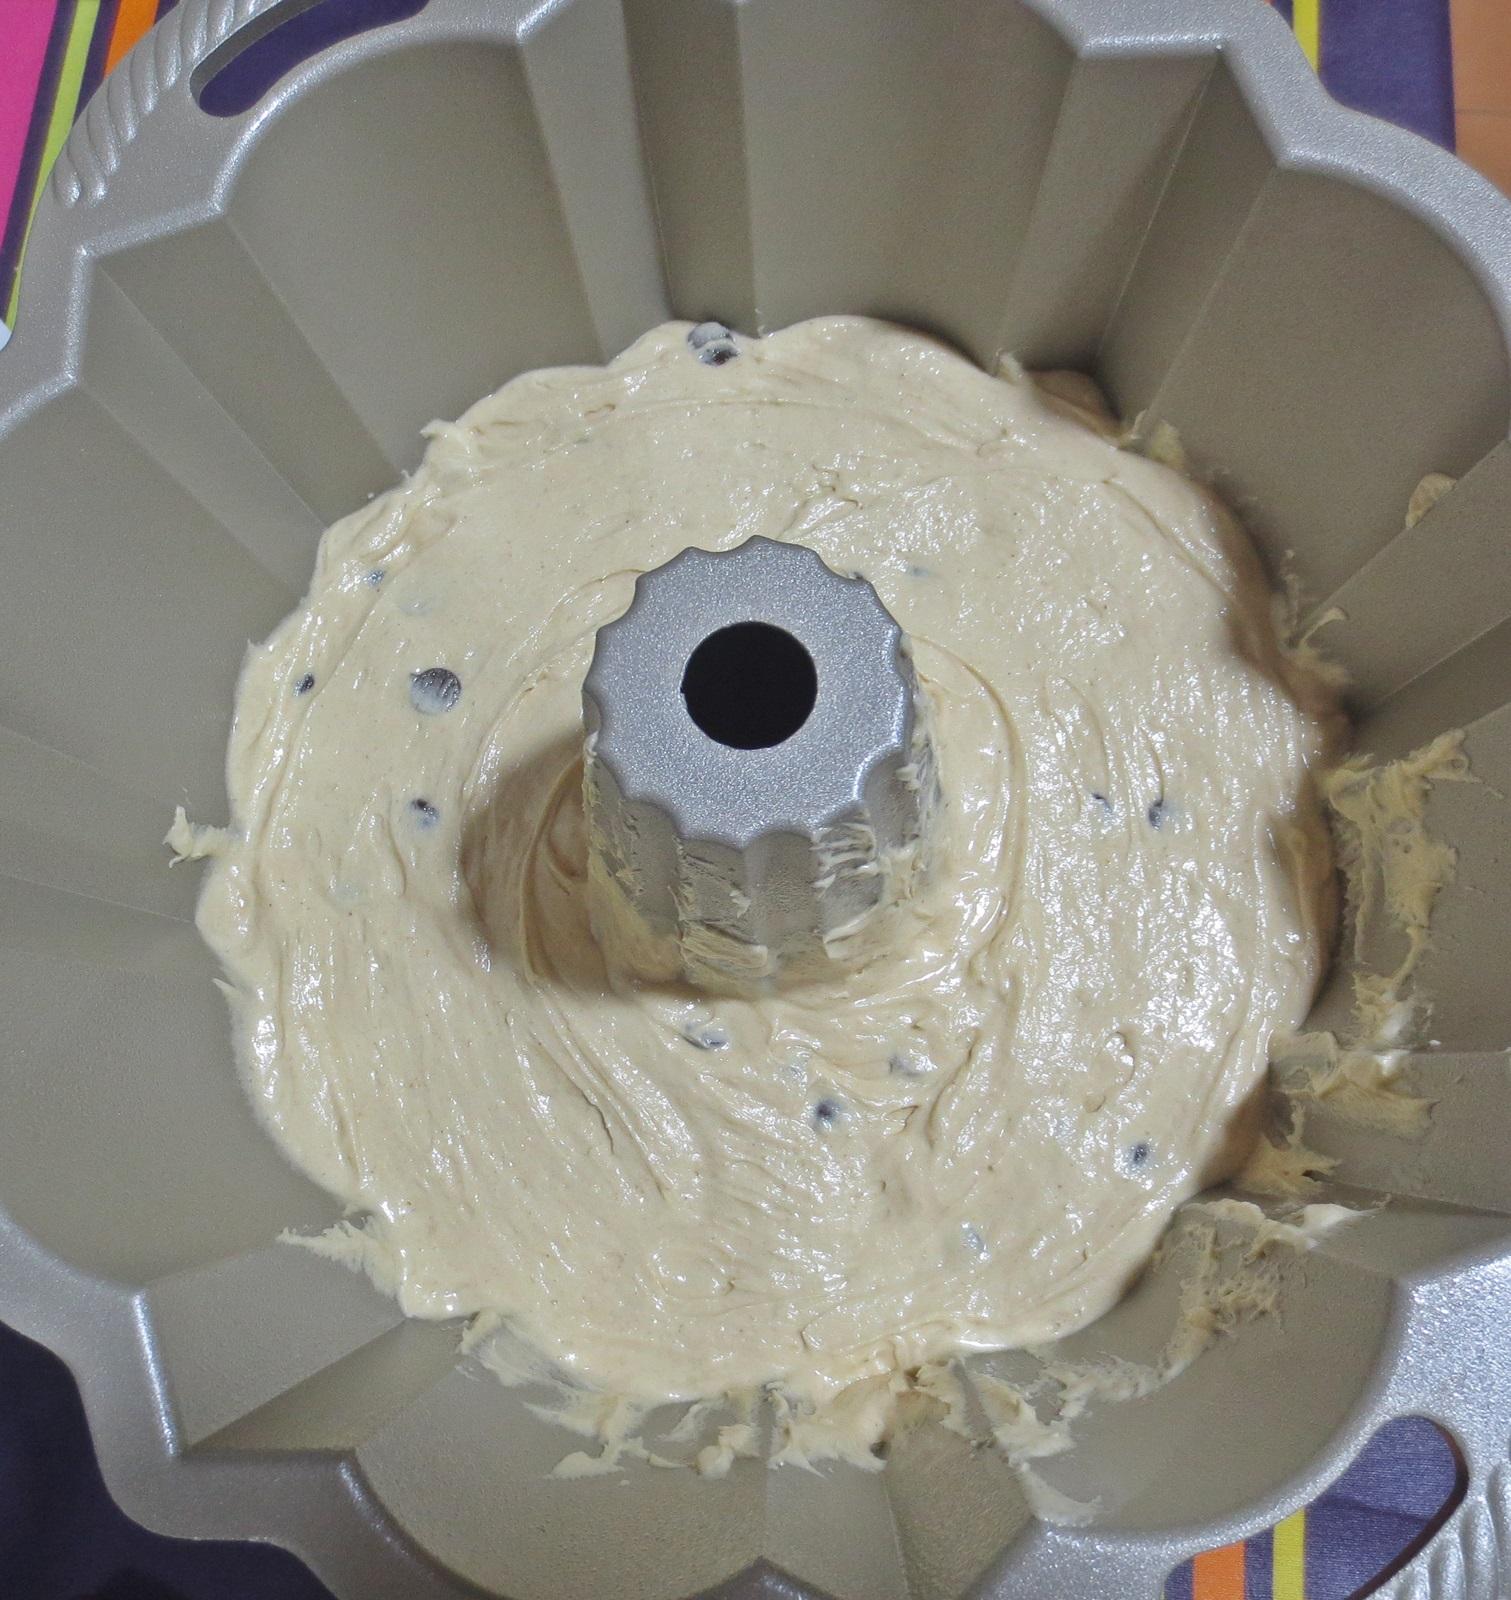 Primera masa en el molde. Aroma de chocolate